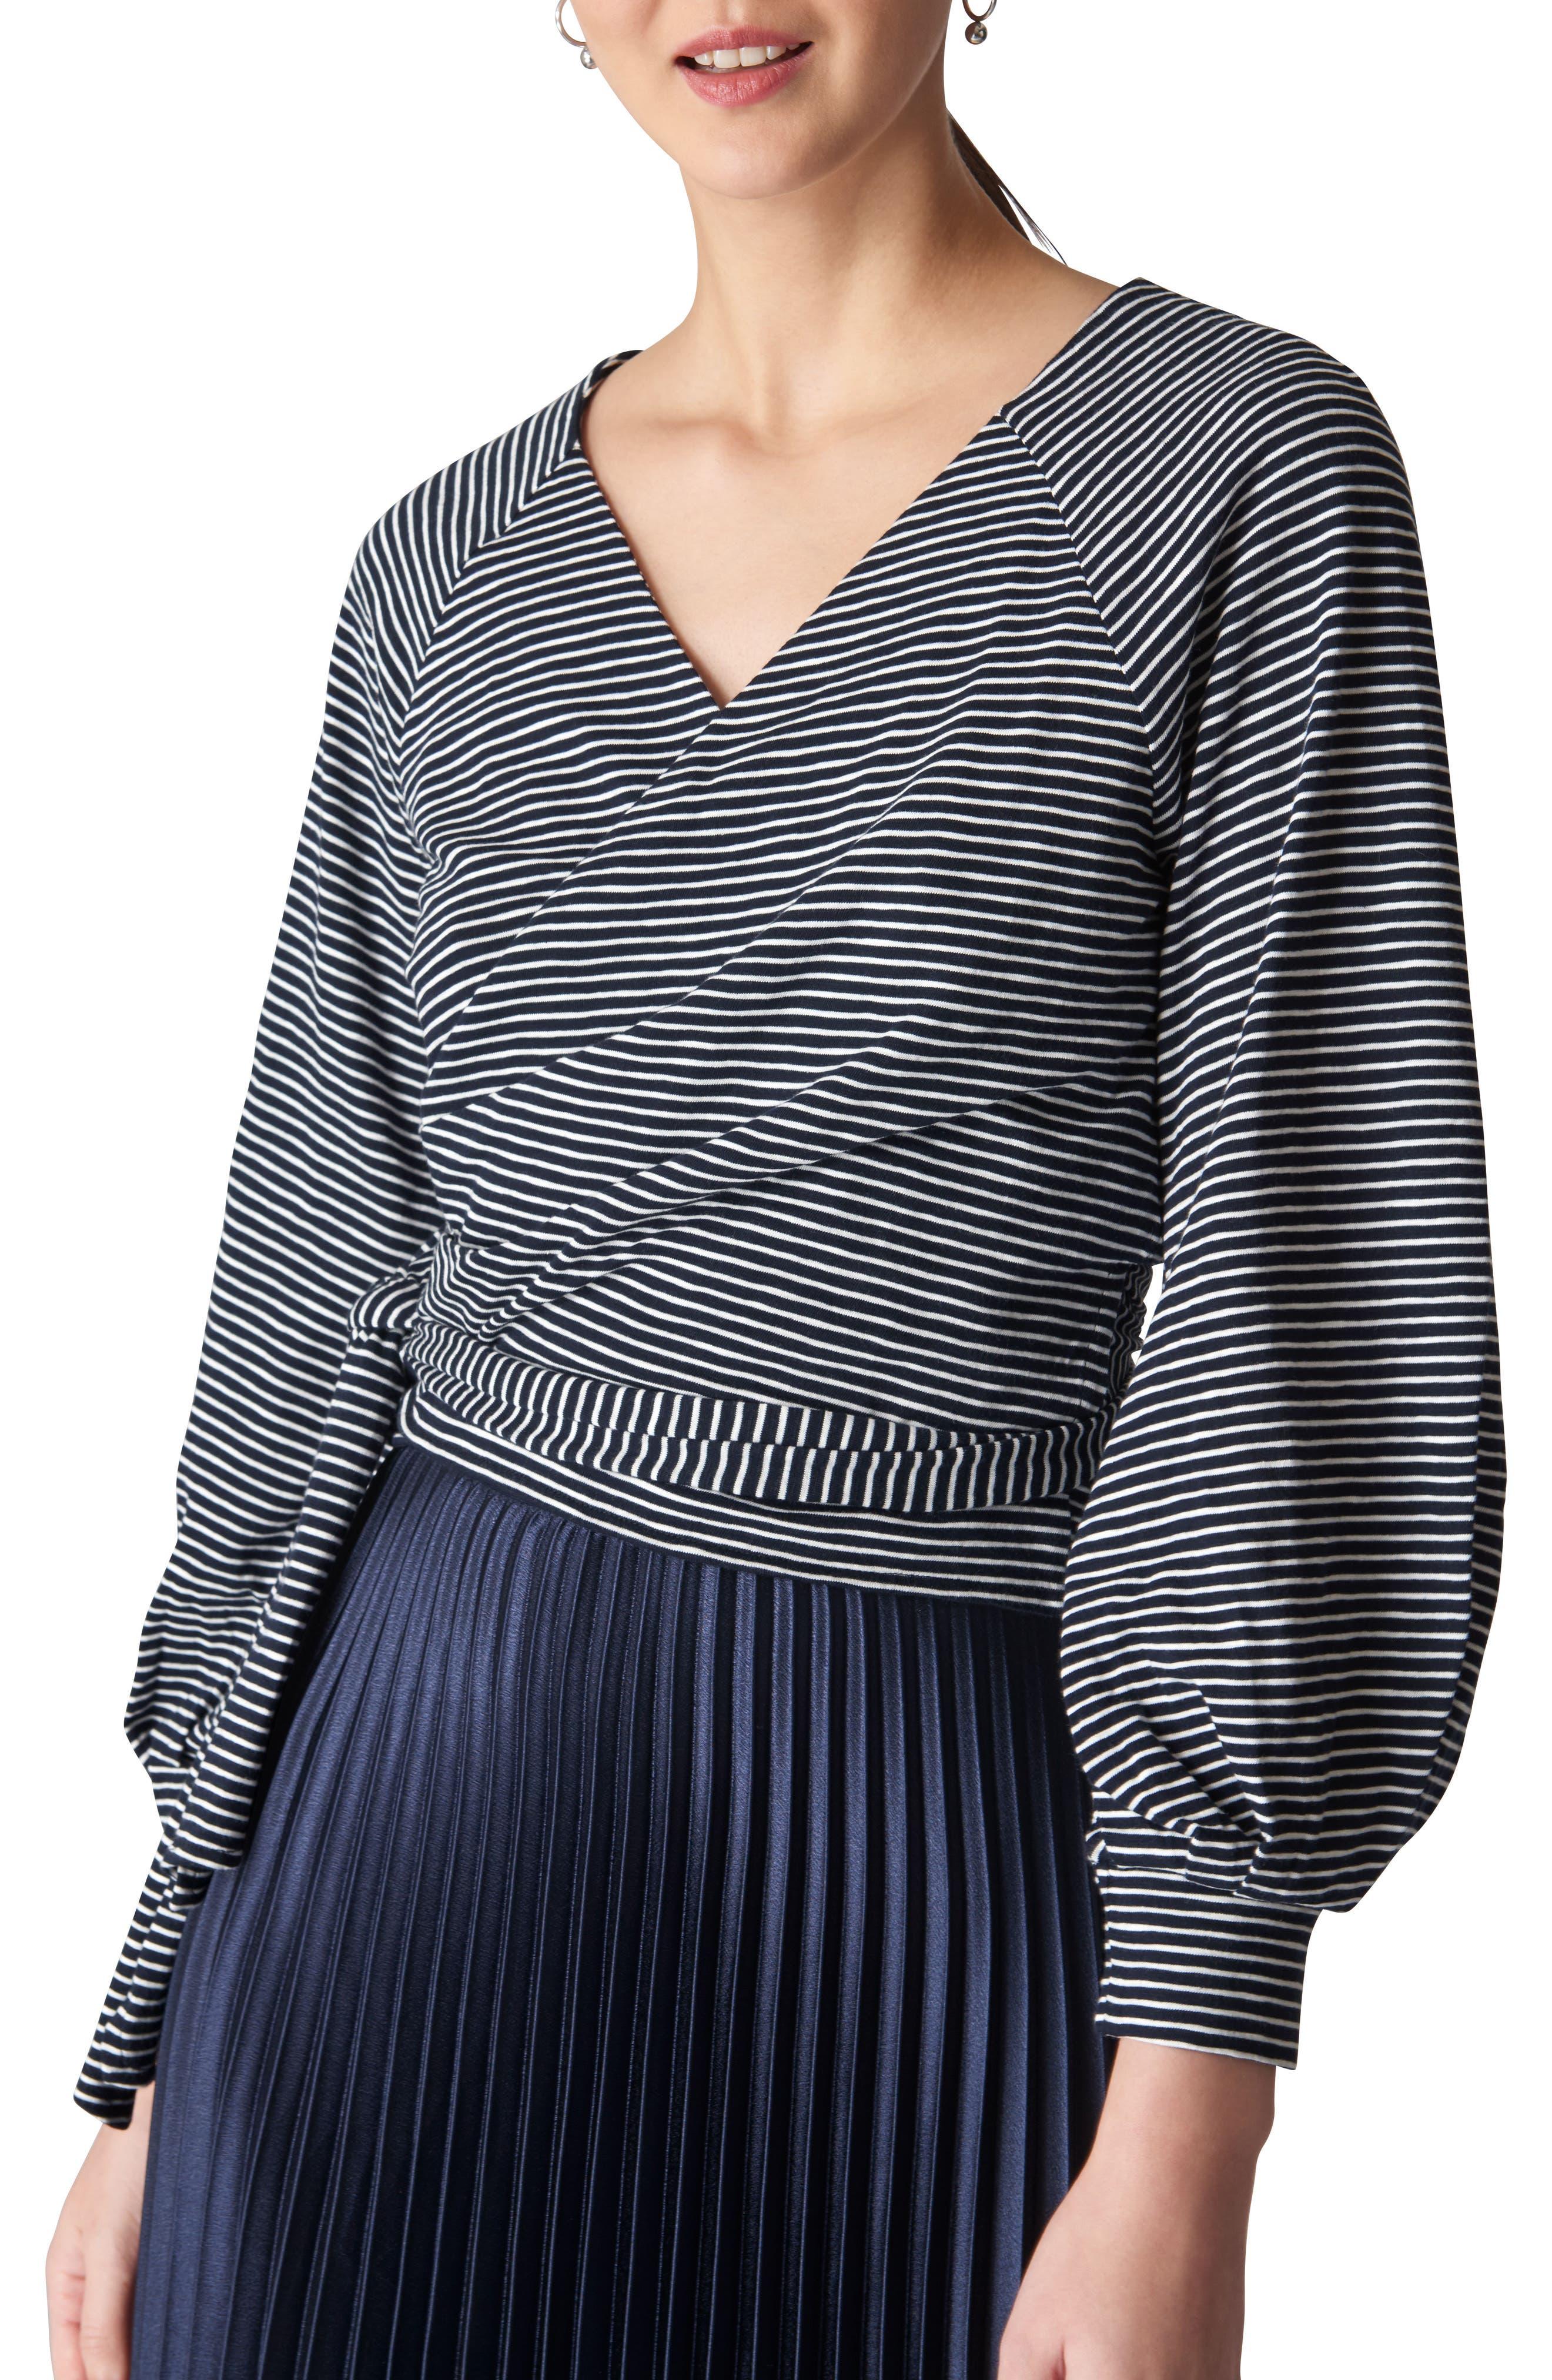 Stripe Wraparound Top,                         Main,                         color, Multicolor